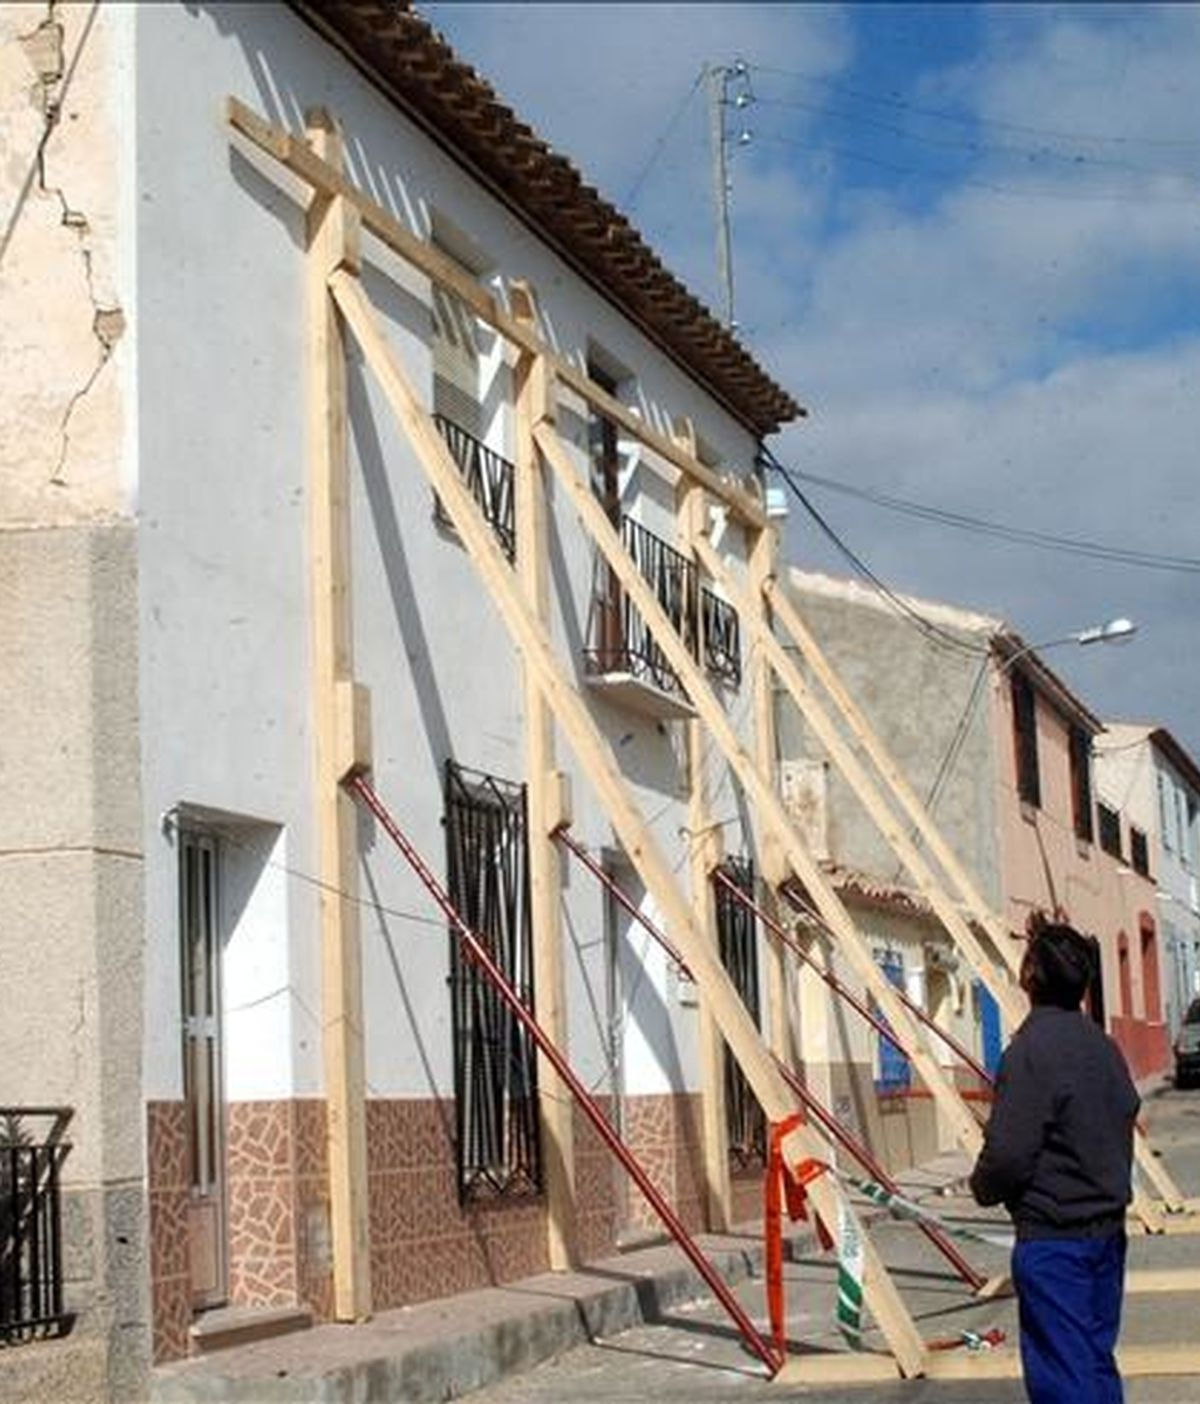 Algunas de las viviendas de la pedanía murciana de Zarcilla de Ramos tras un seísmo de 4,6 grados en la escala de Richter. EFE/Archivo